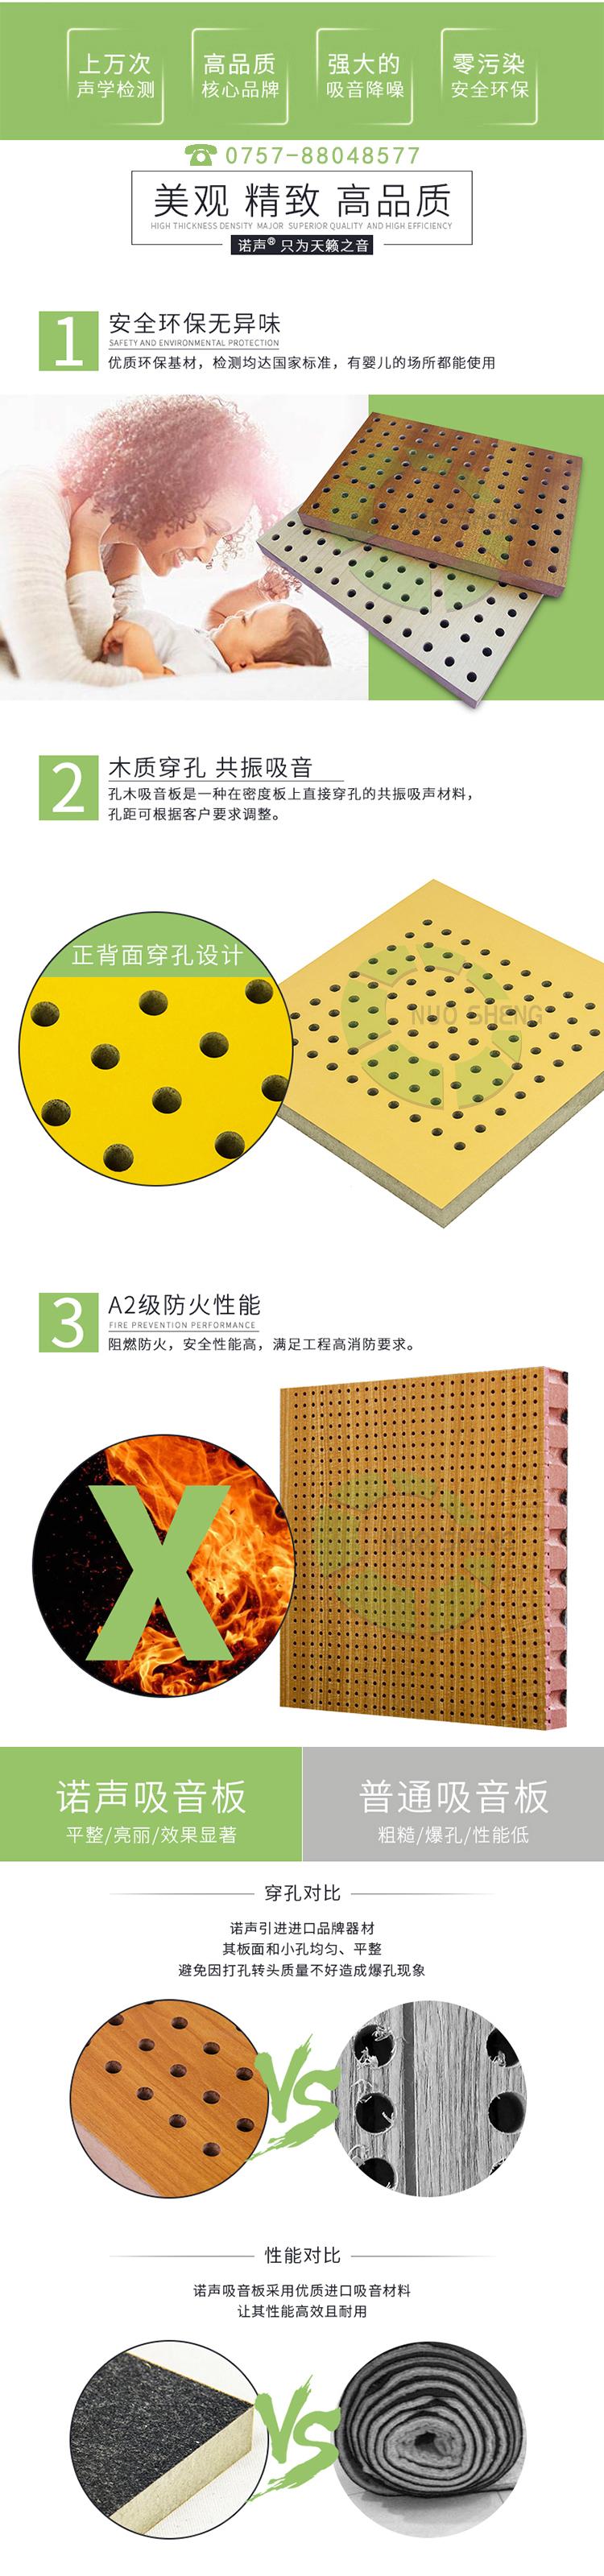 穿孔吸音复合板产品优势